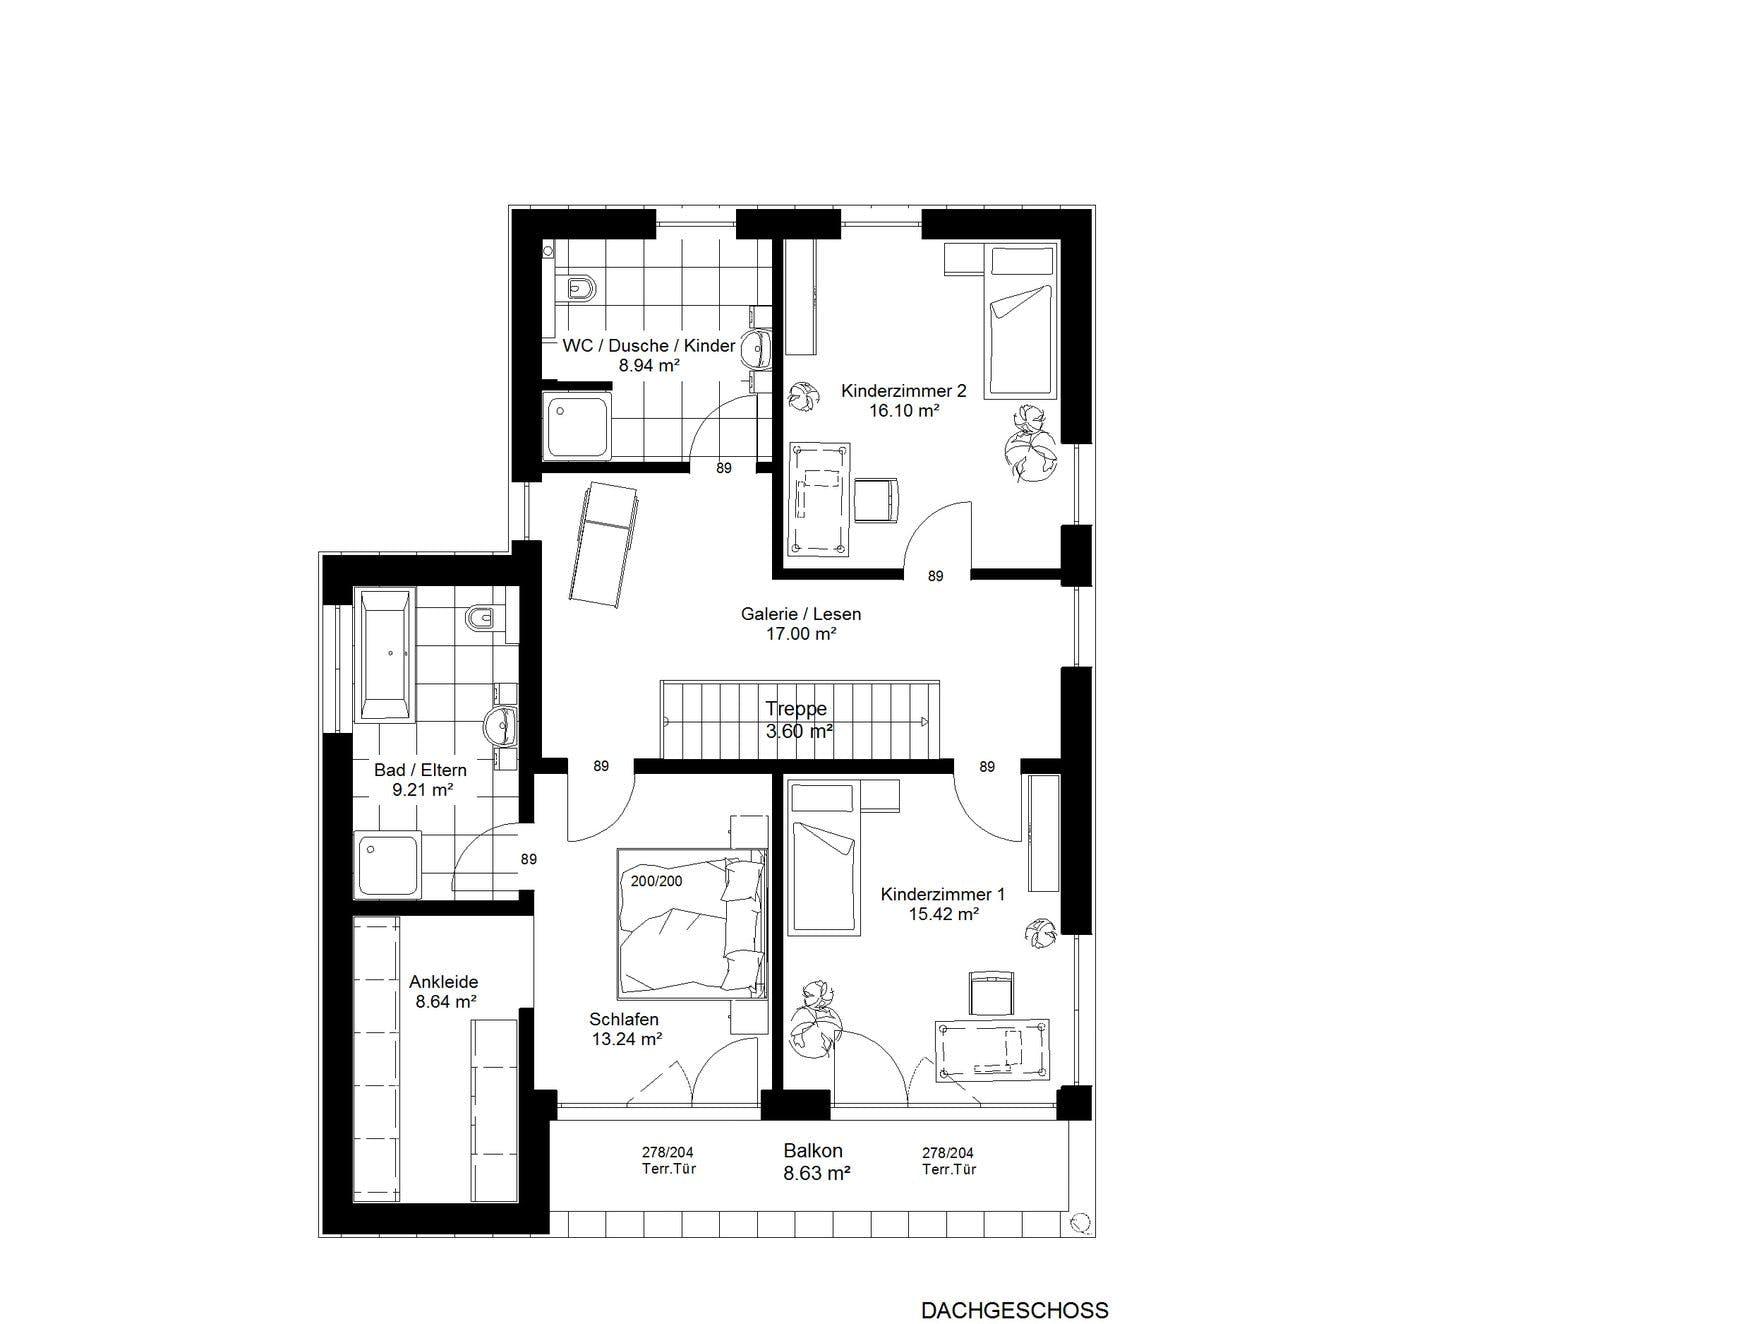 Modell 8 floor_plans 0